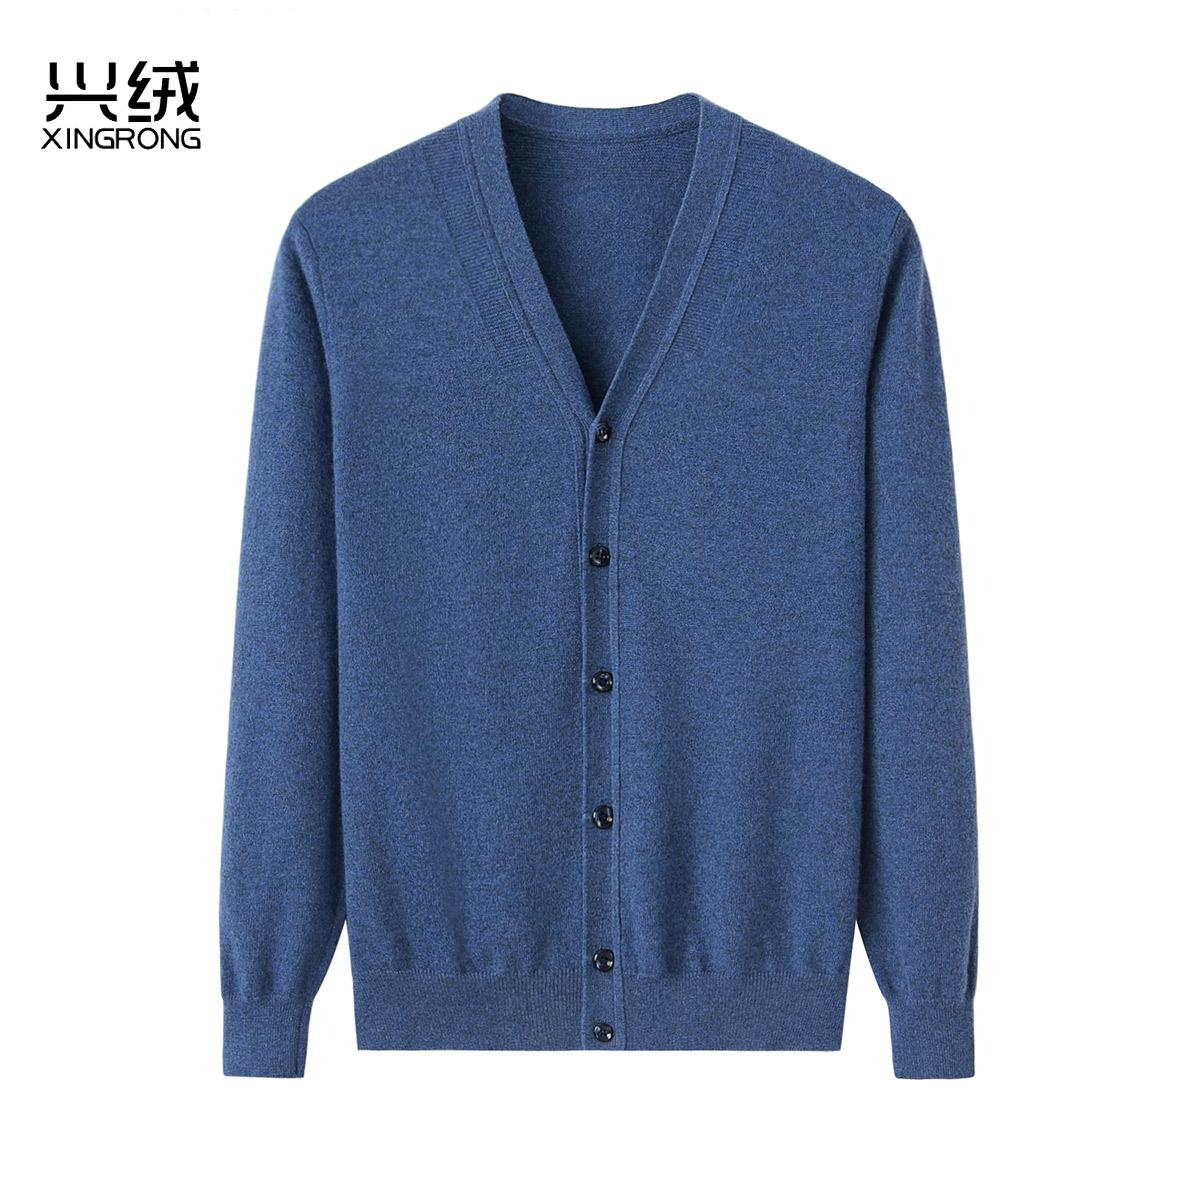 兴绒秋装新款男士V领对襟纯羊绒衫休闲薄款家居外套针织衫毛衣